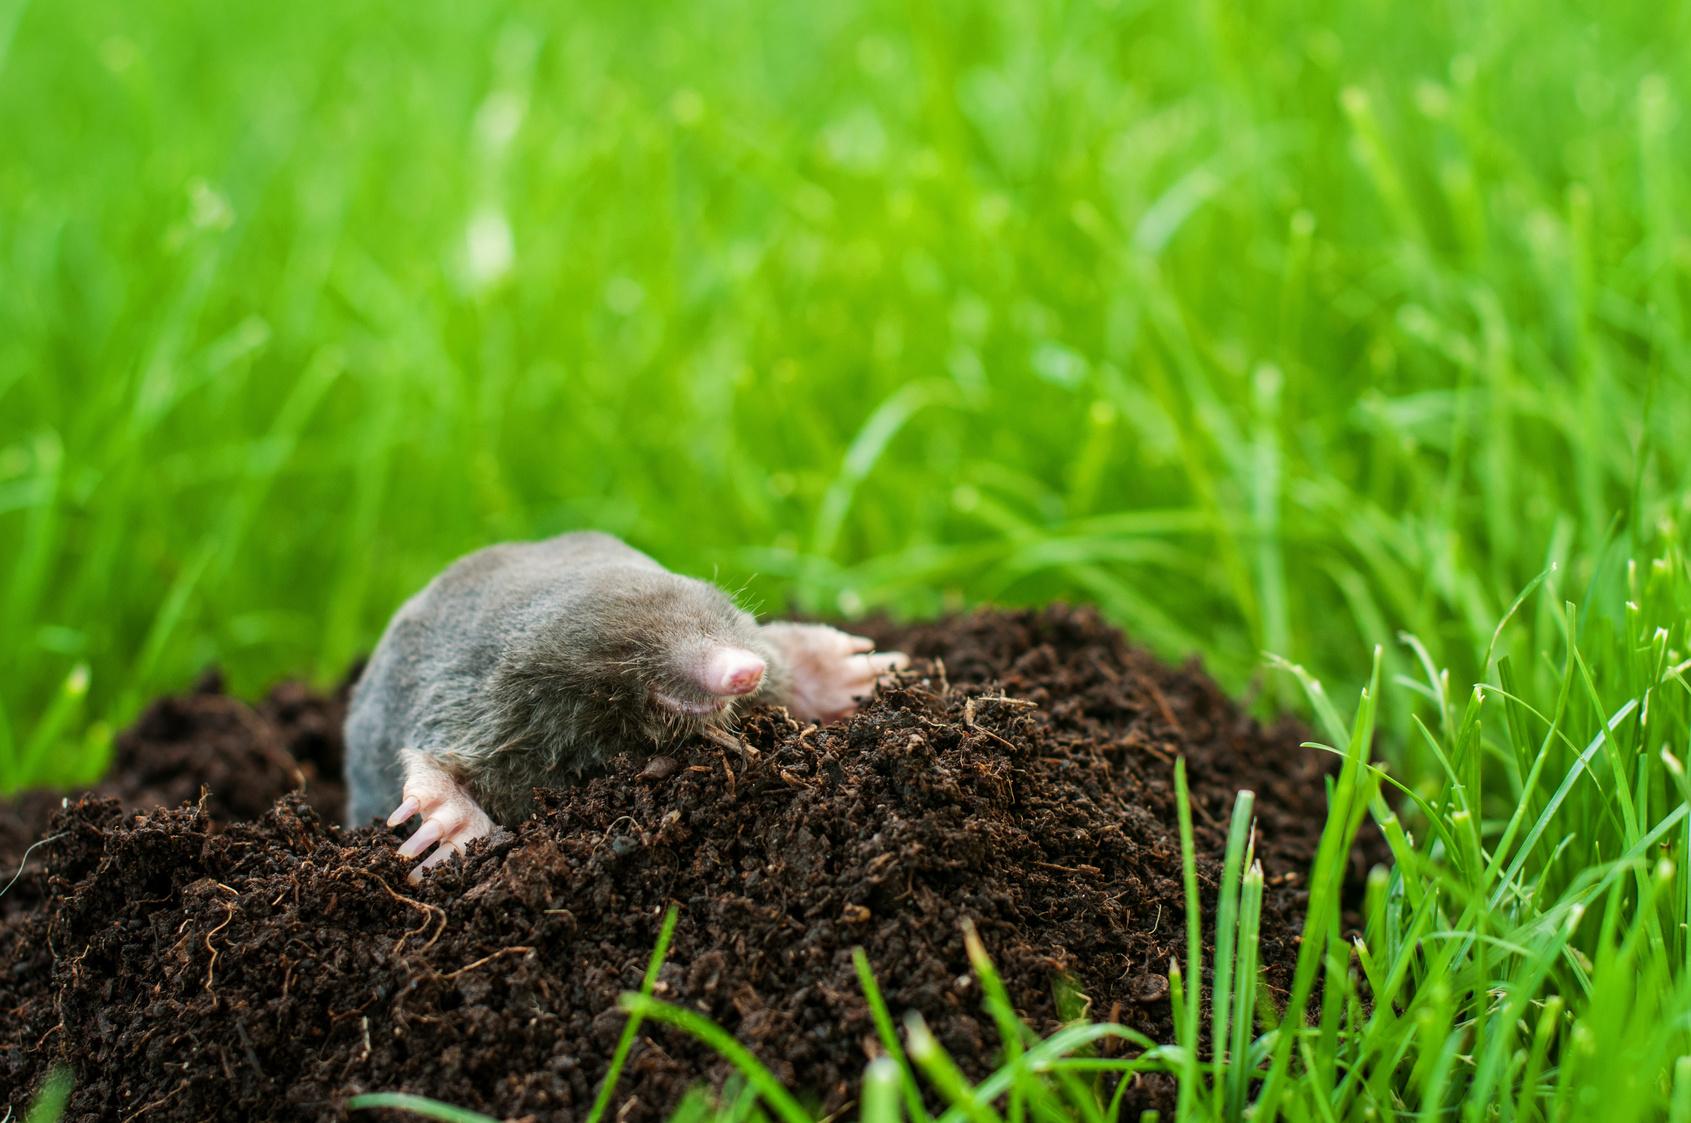 Comment viter les taupes dans son jardin - A poil dans son jardin ...